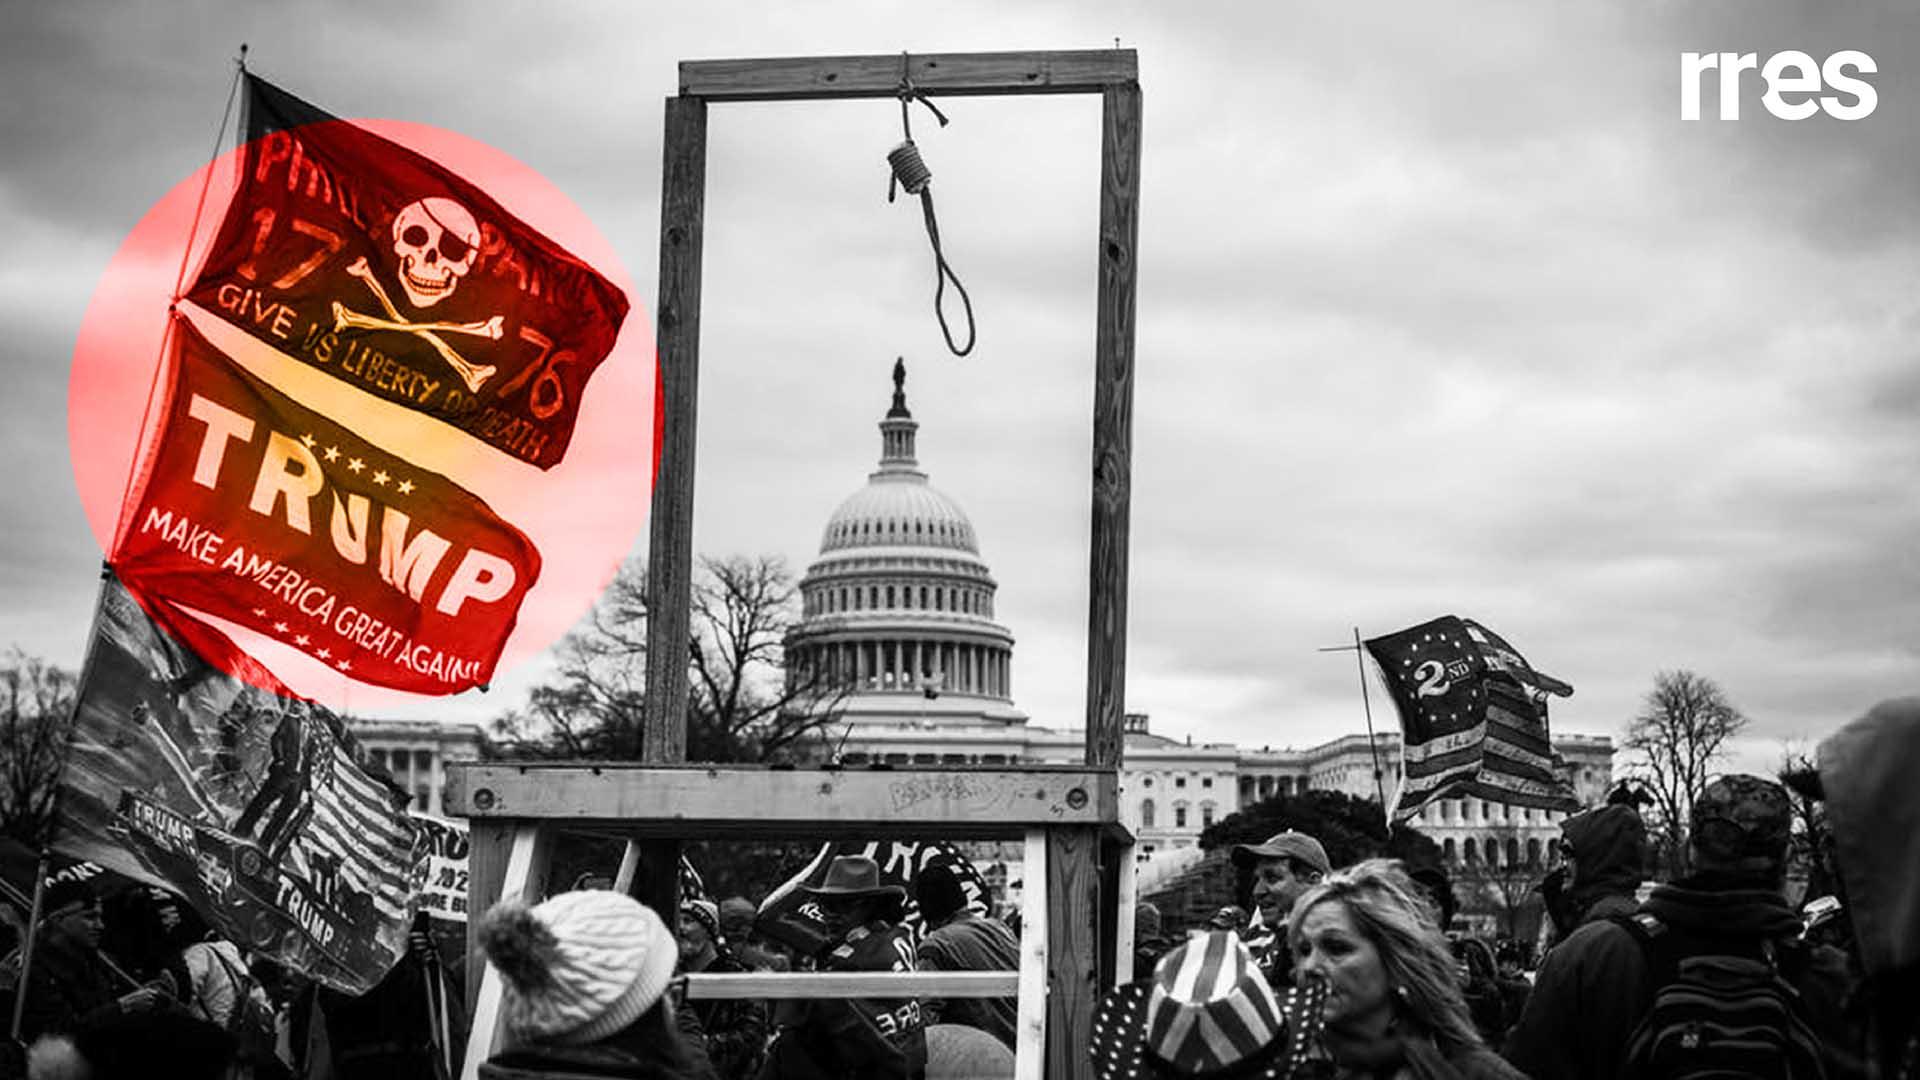 ¿Qué significan los símbolos de odio en la toma del Capitolio de EE. UU.?, por Jonathan D. Sarna*